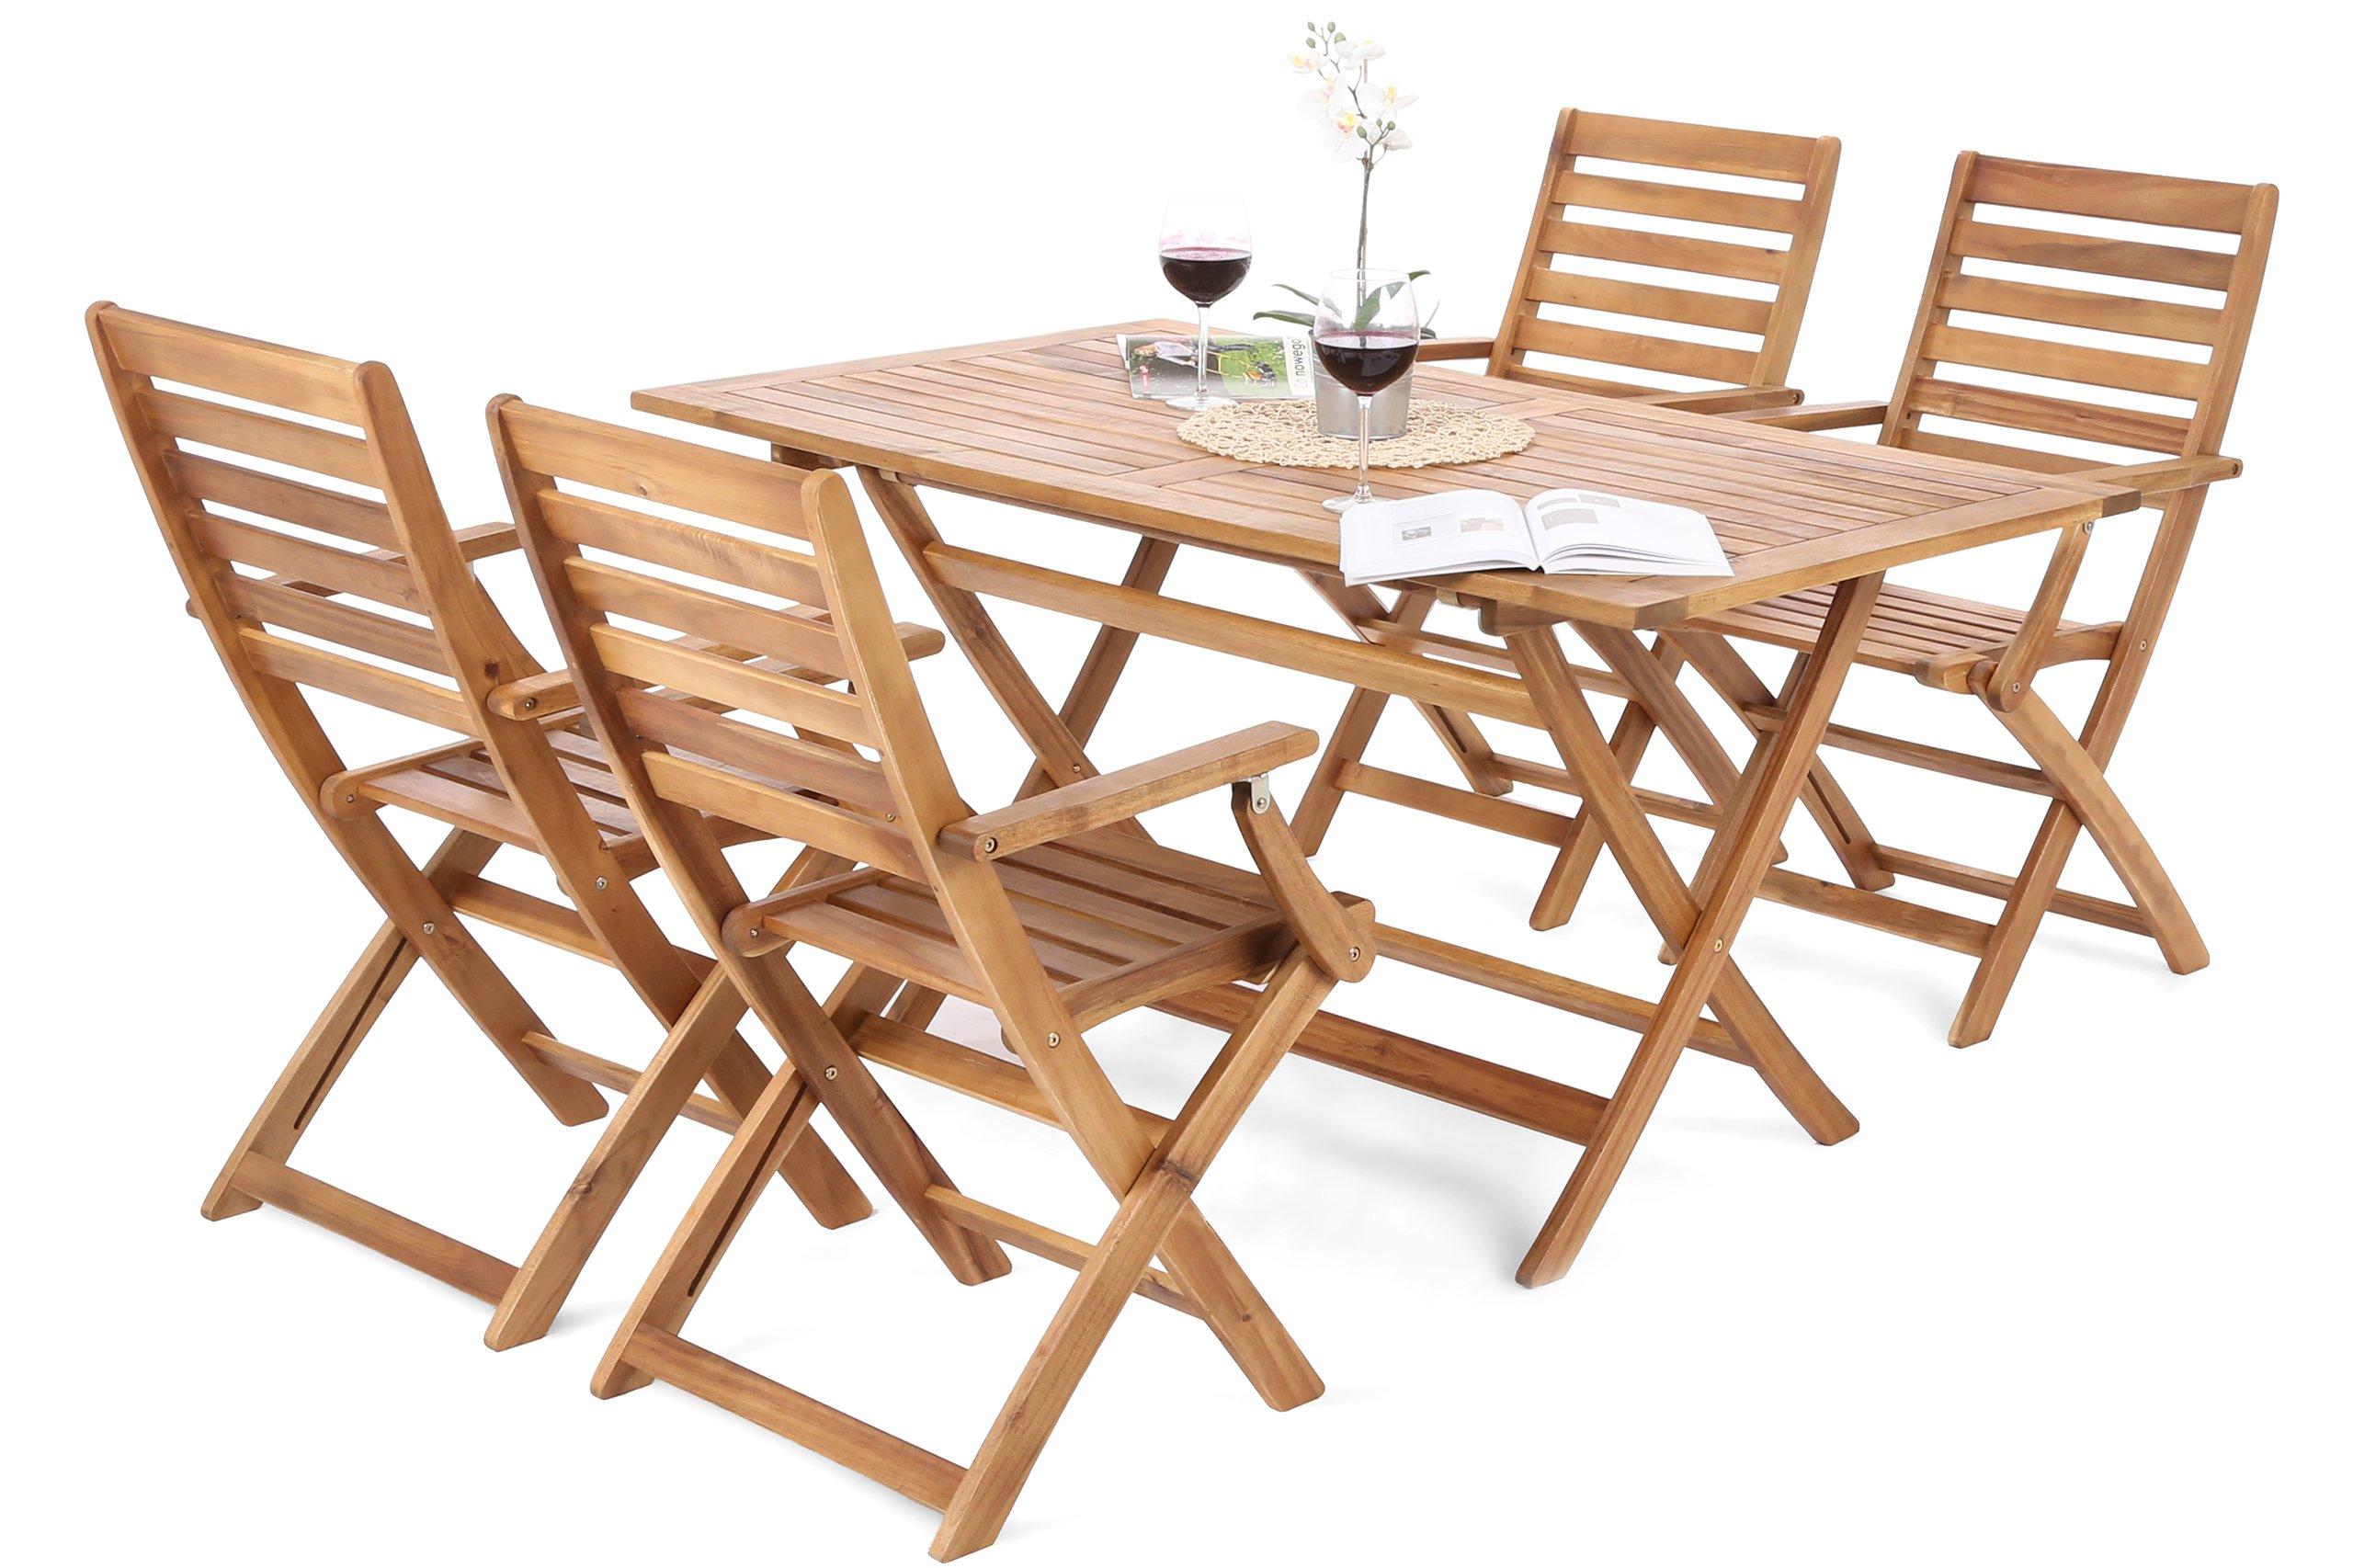 Meble Ogrodowe Drewniane Zestaw Ogrodowy Taras 6750758535